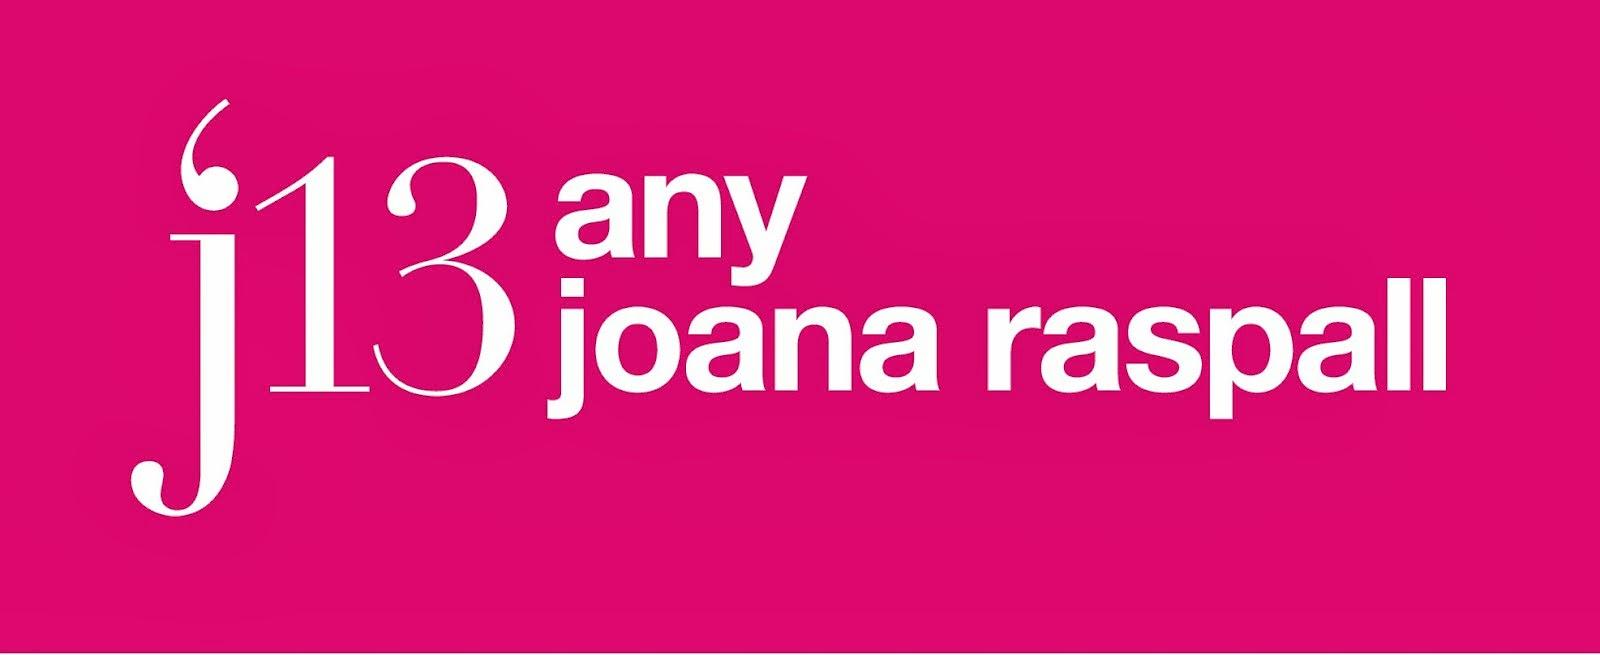 Any Joana Raspall